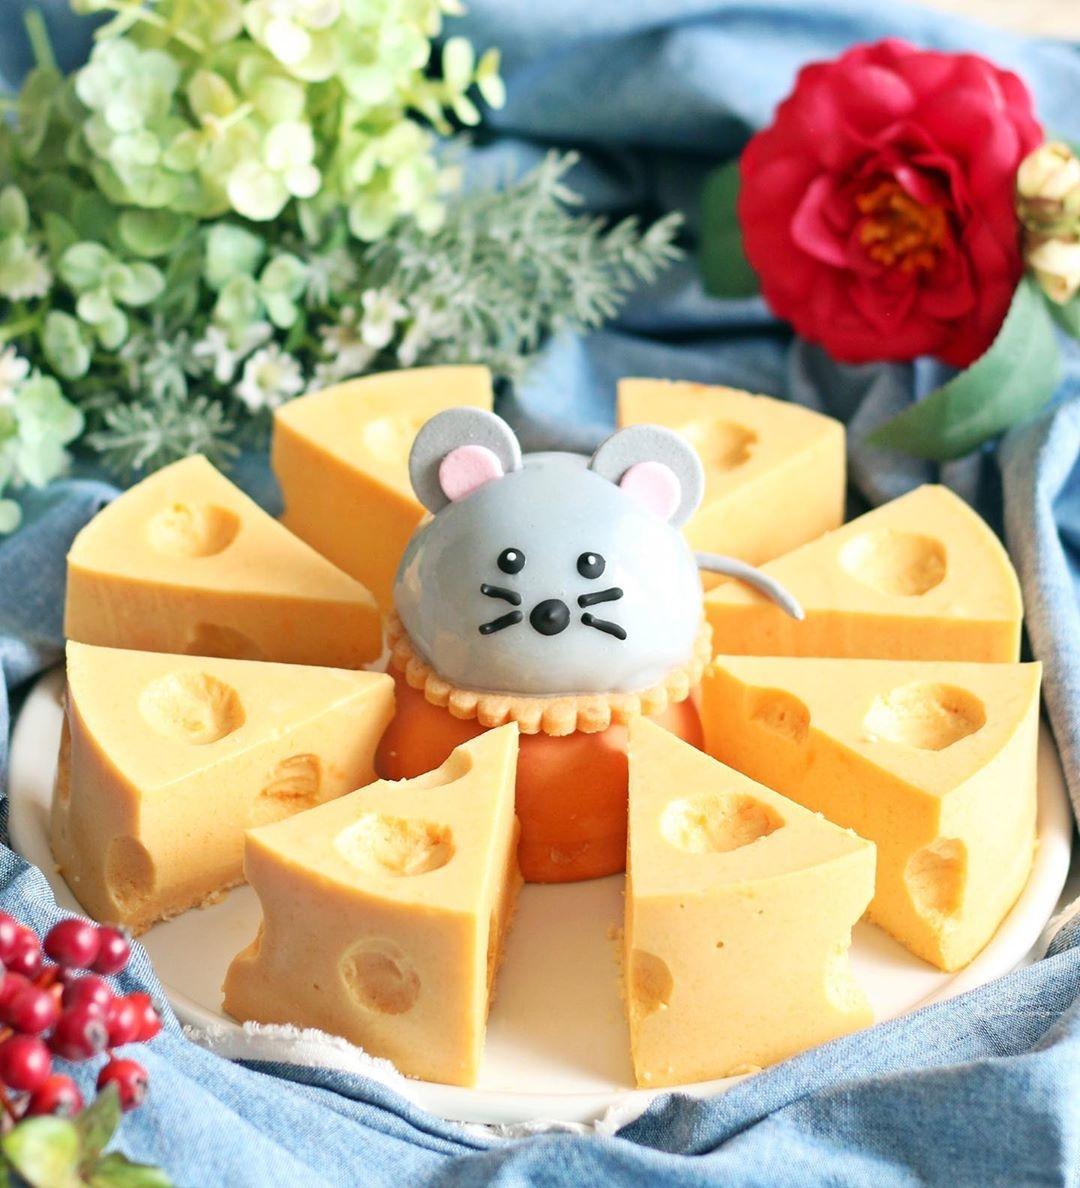 お家でおいしいチーズケーキを食べたい。自宅カフェタイムを充実させて♡